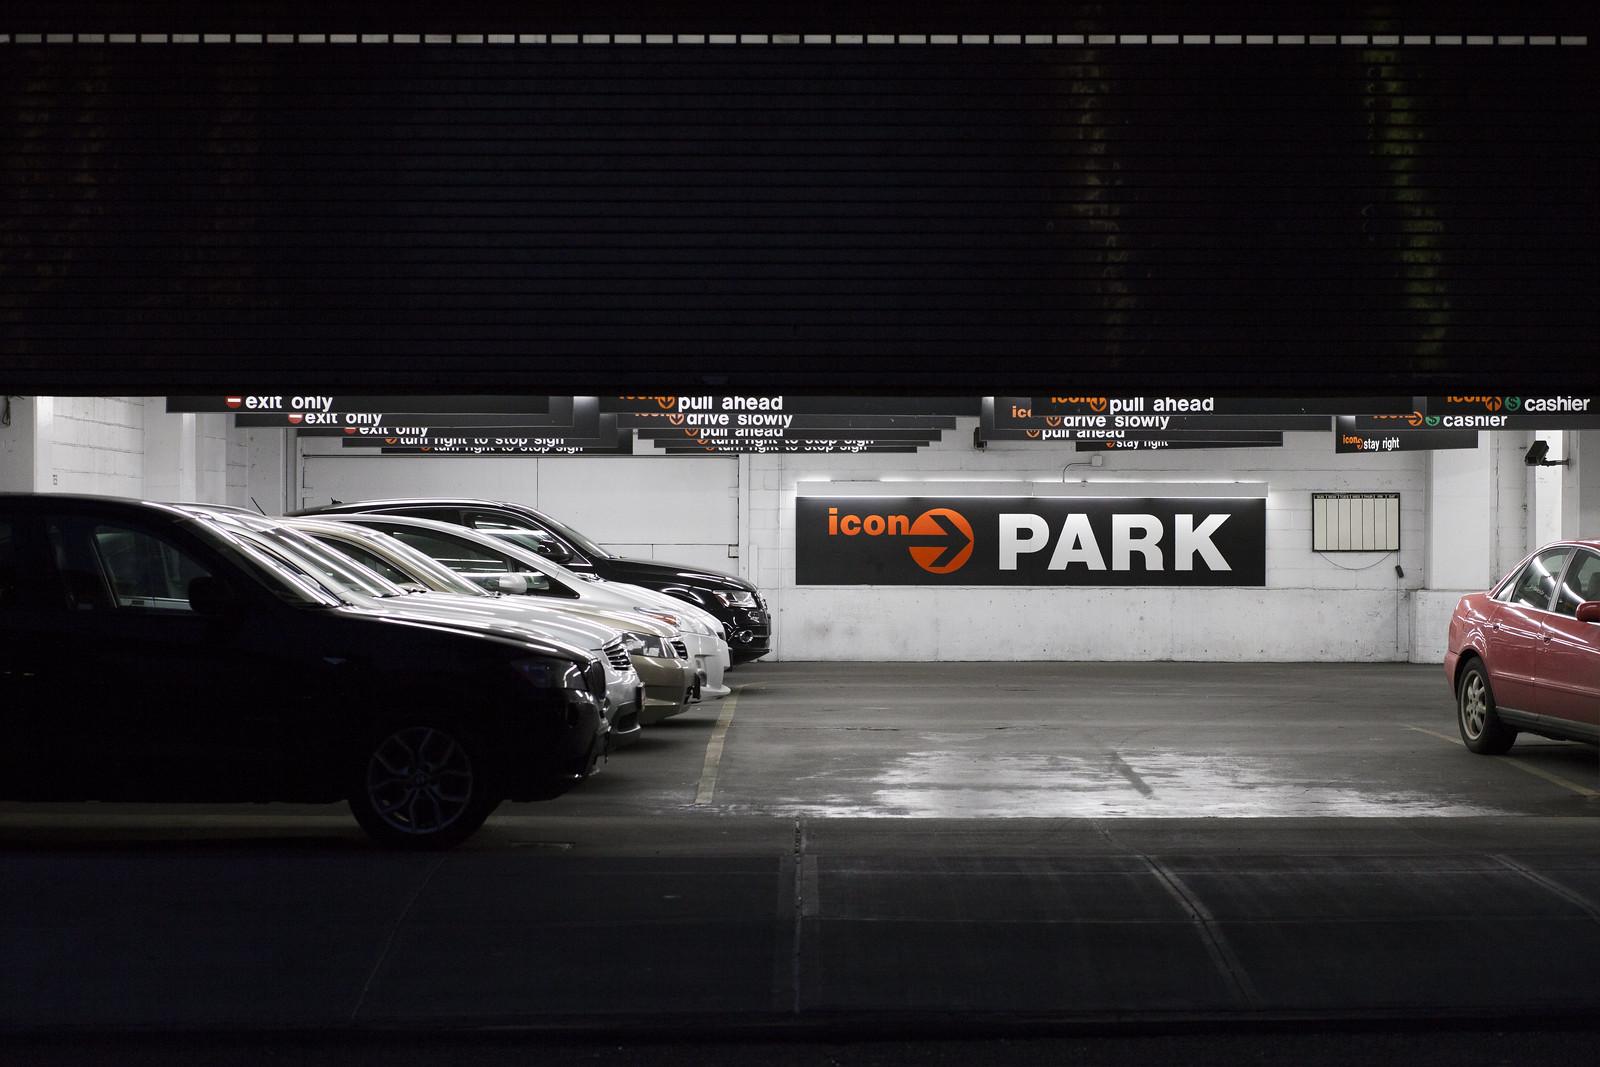 PARK by wwward0